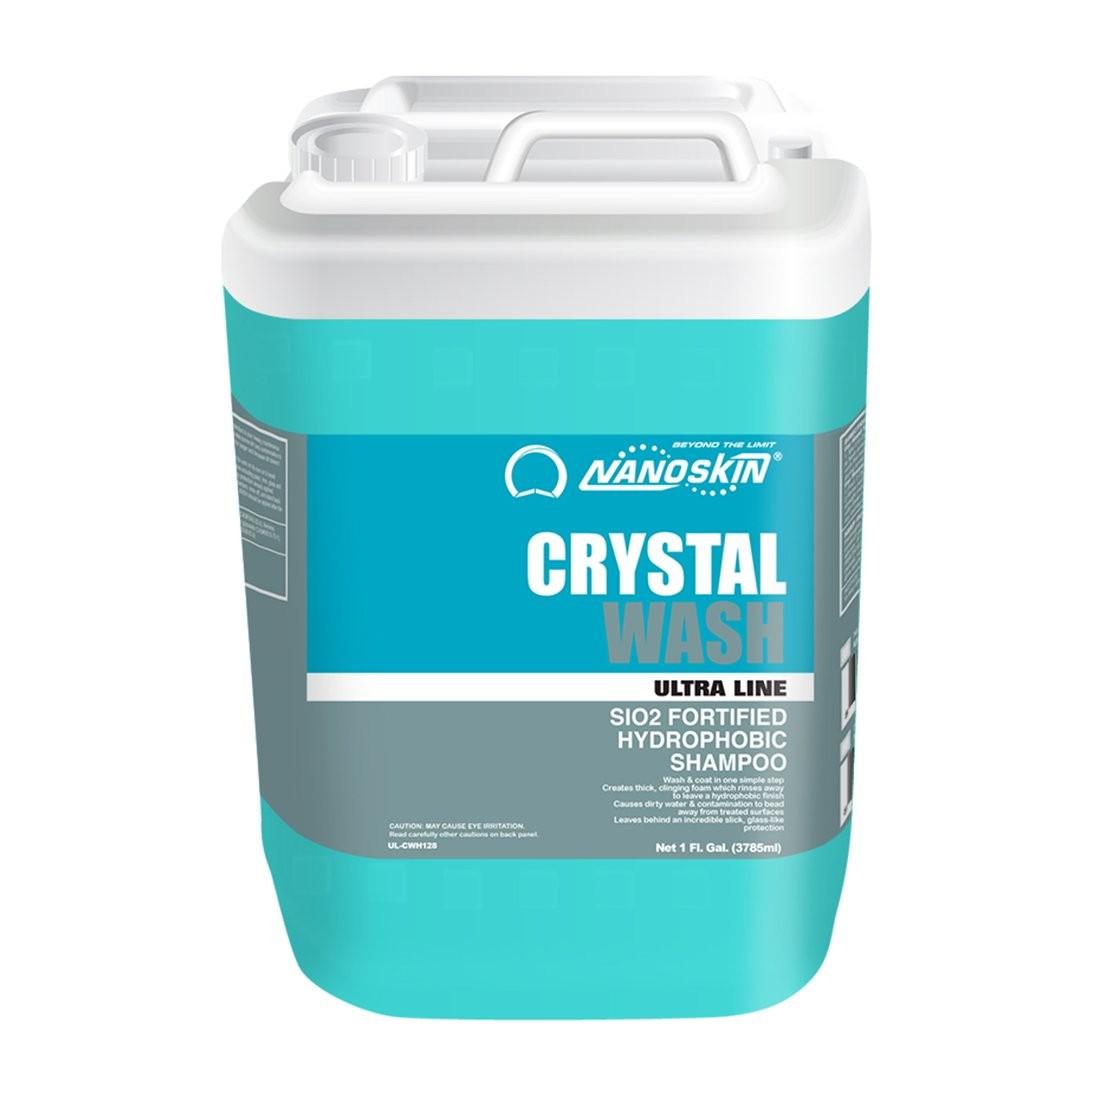 CRYSTAL WASH SiO2 Fortified Hydrophobic Shampoo-5Gal